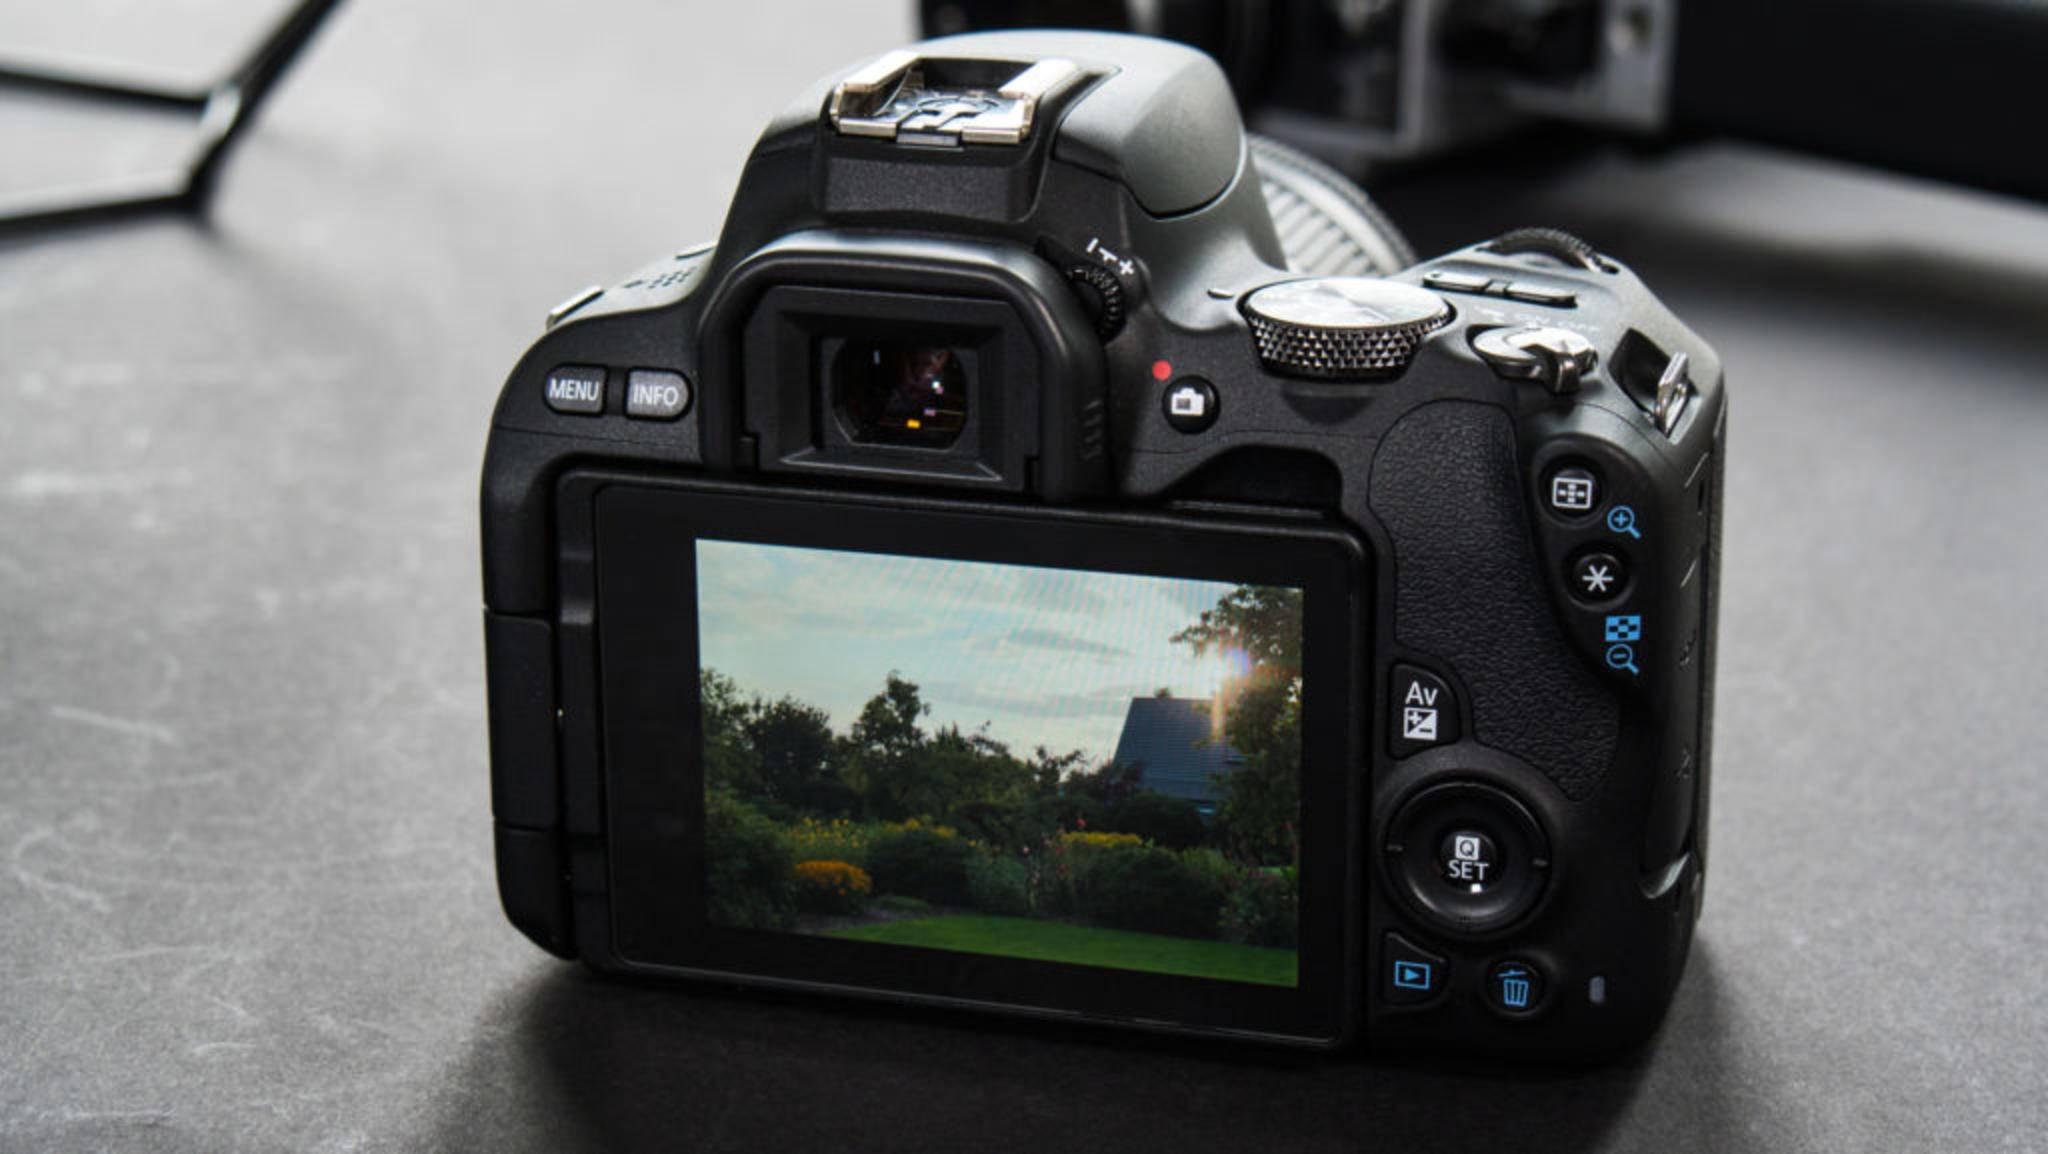 Canon kündigt angeblich schon bald eine eigene Vollformat-DSLM an (hier die DSLR Canon EOS 200D)